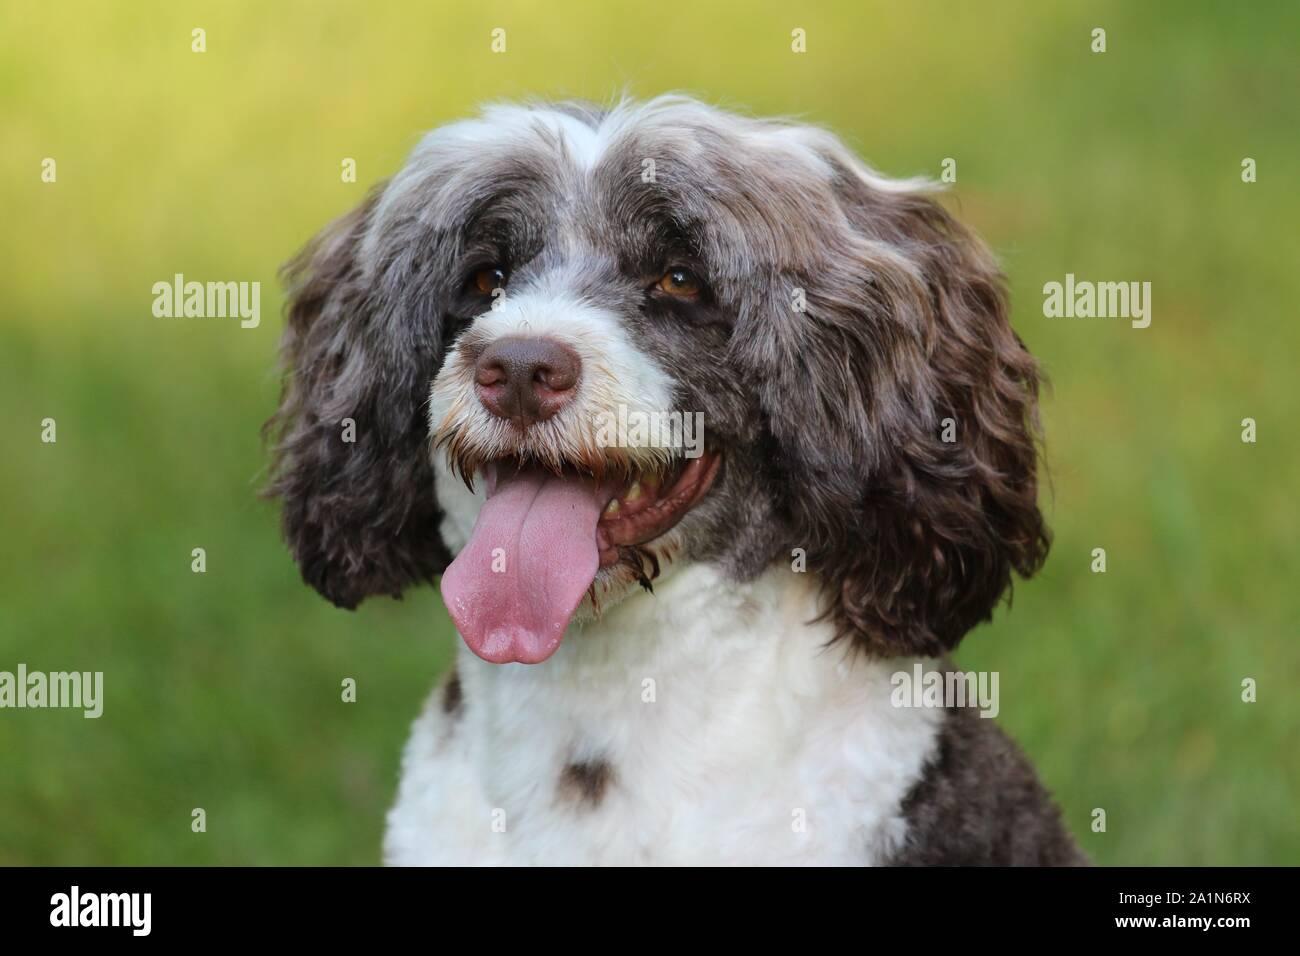 Un retrato de un marrón y blanco de Perro de Agua portugués Panting, cerca de la cabeza y los hombros fuera en otoño Foto de stock